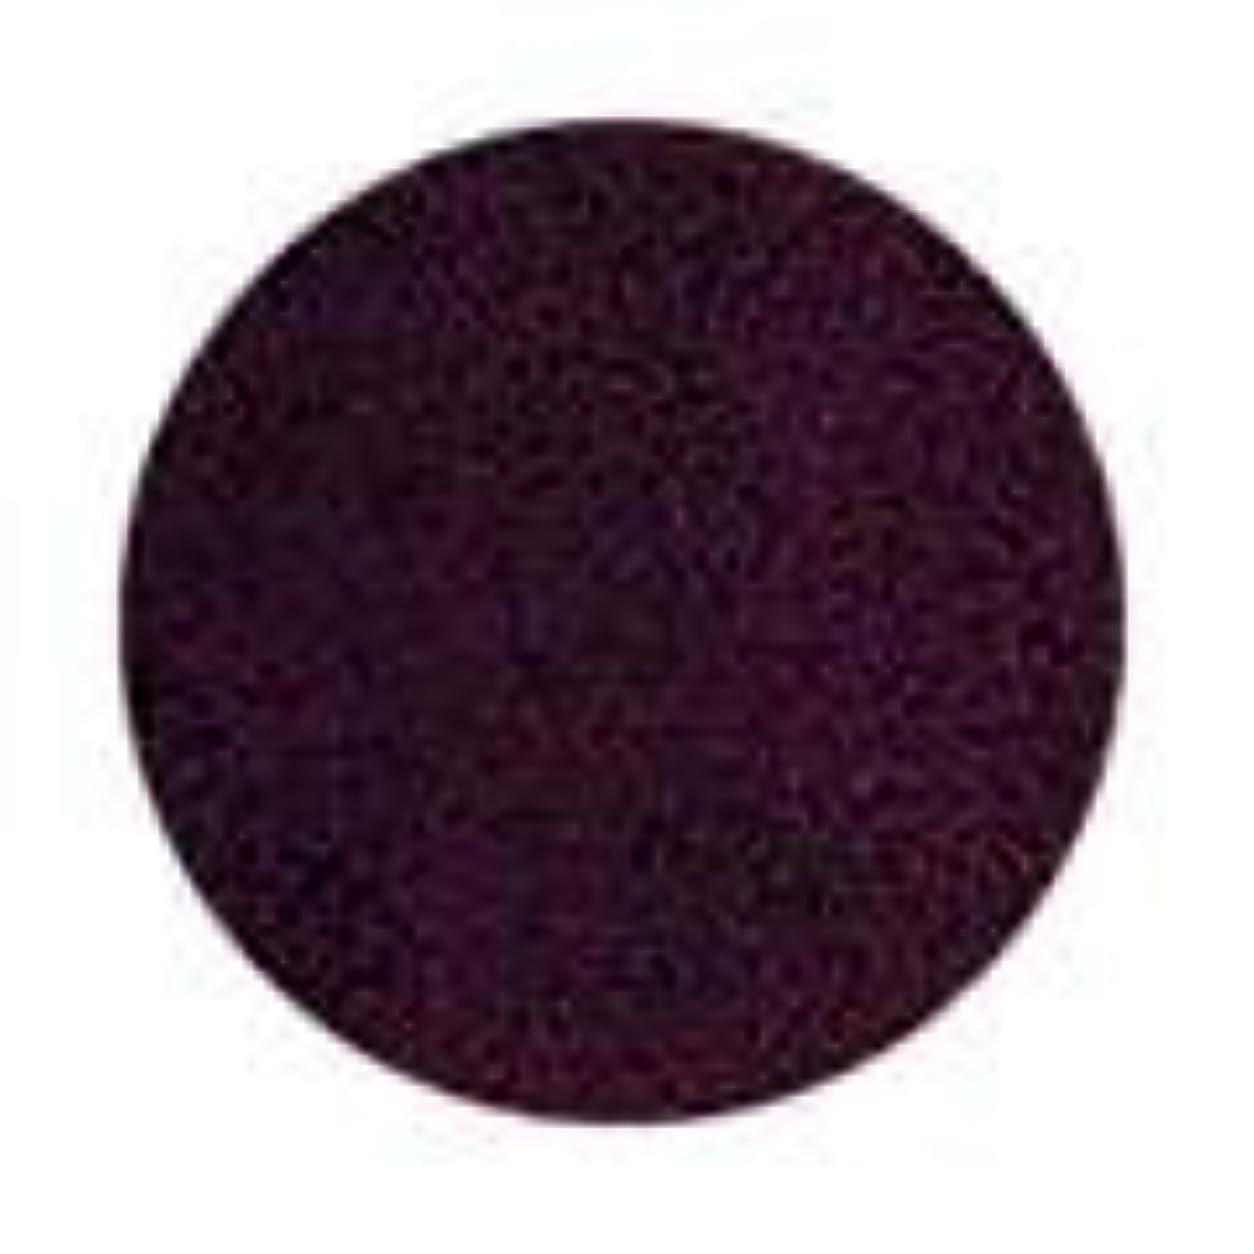 実用的チャームサイドボードJessica ジェレレーション カラー 15ml  708 ノトリアス